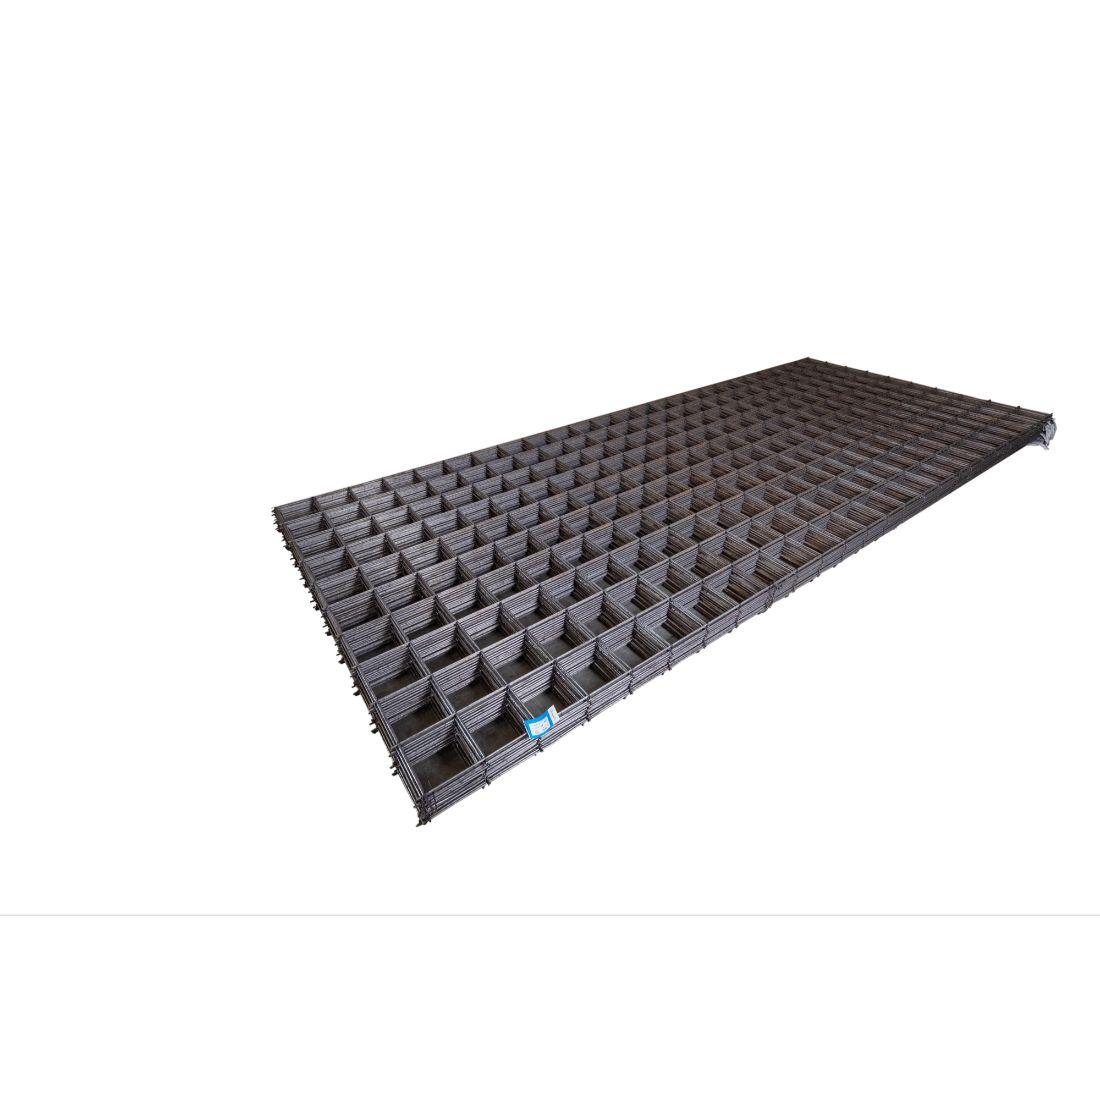 SE62RES Super Ductile 500E Reinforcing Mesh 5.05 x 2.02m 8.31m2